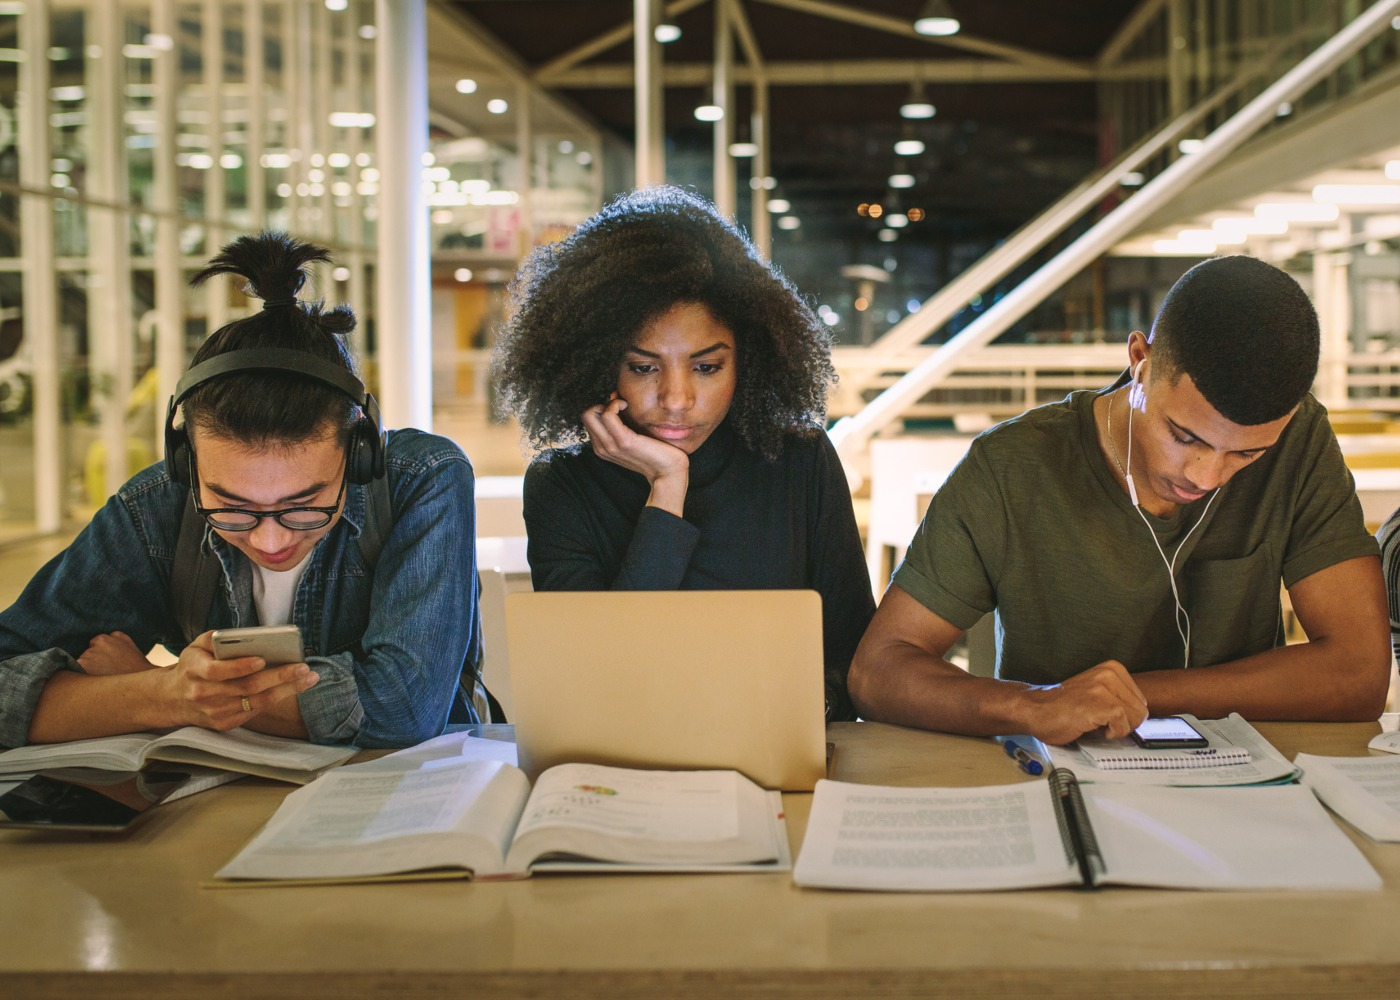 três jovens a estudar com cadernos e computadores